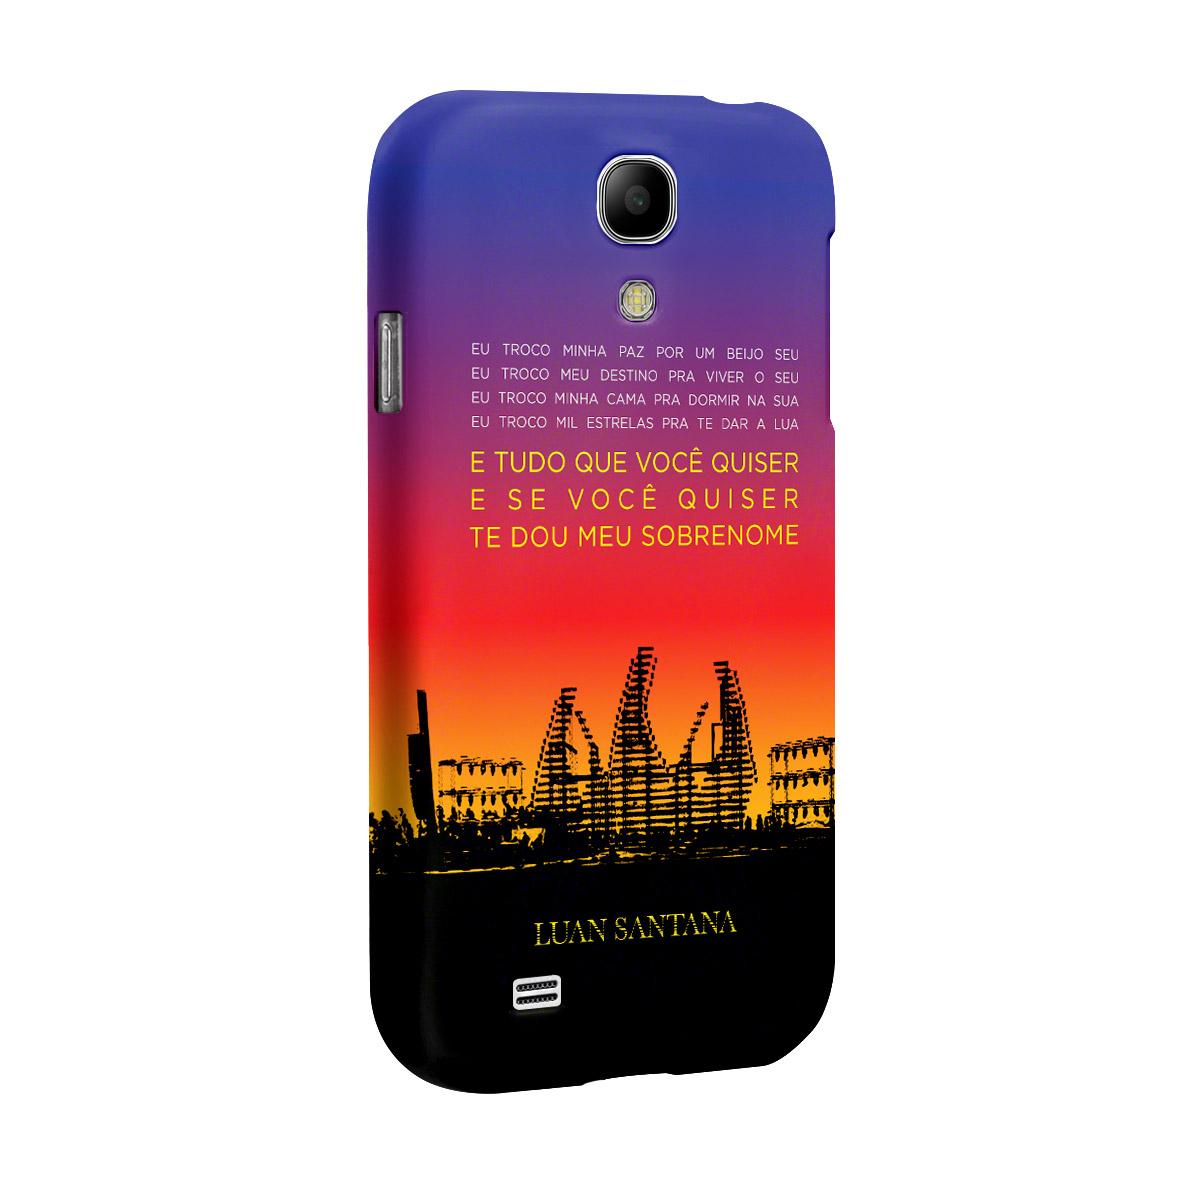 Capa de Celular Samsung Galaxy S4 Luan Santana Concept